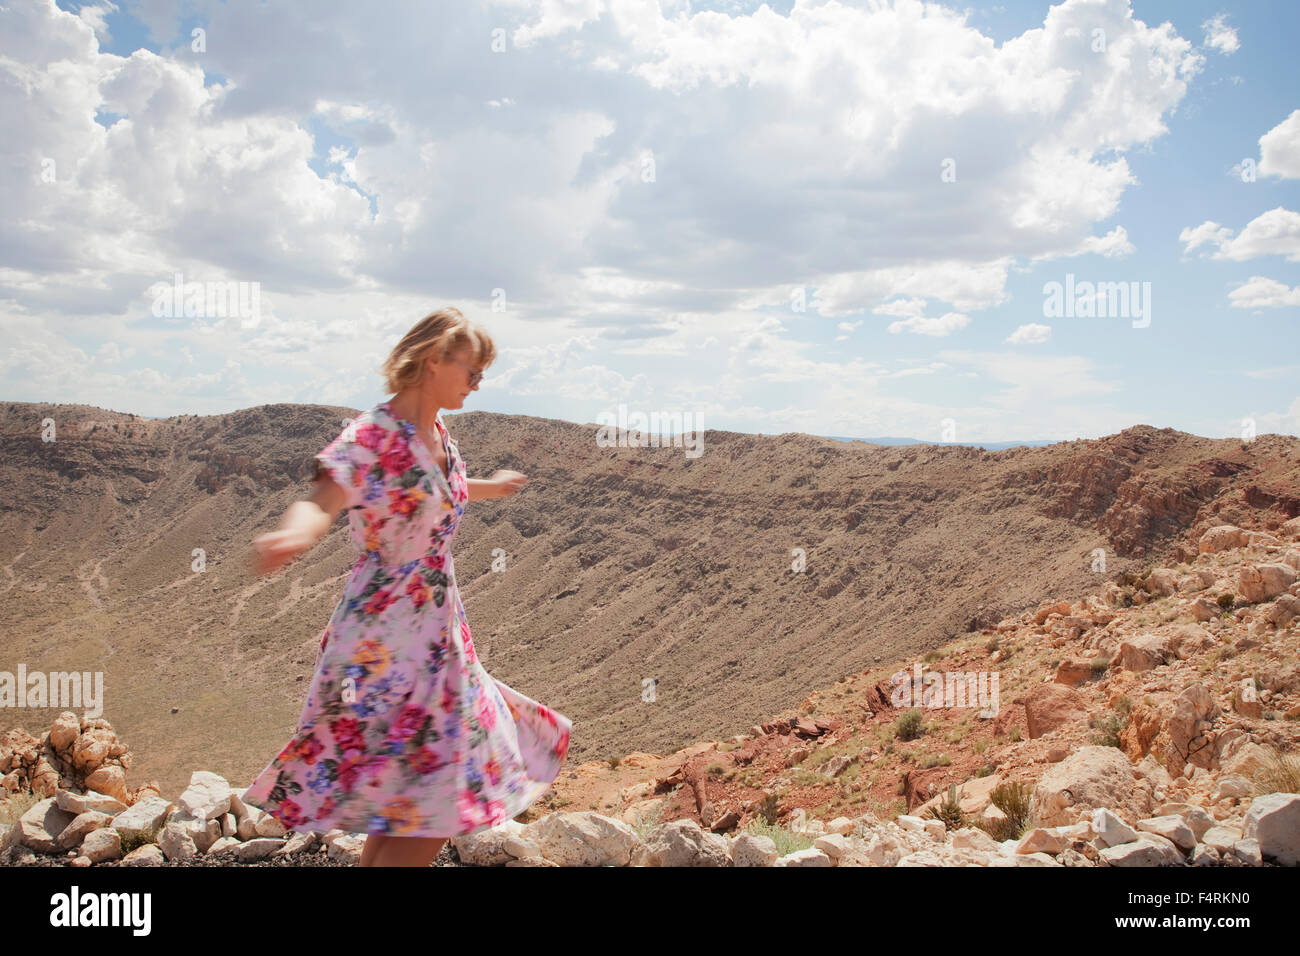 Woman exploring Barringer Crater, Arizona, USA - Stock Image